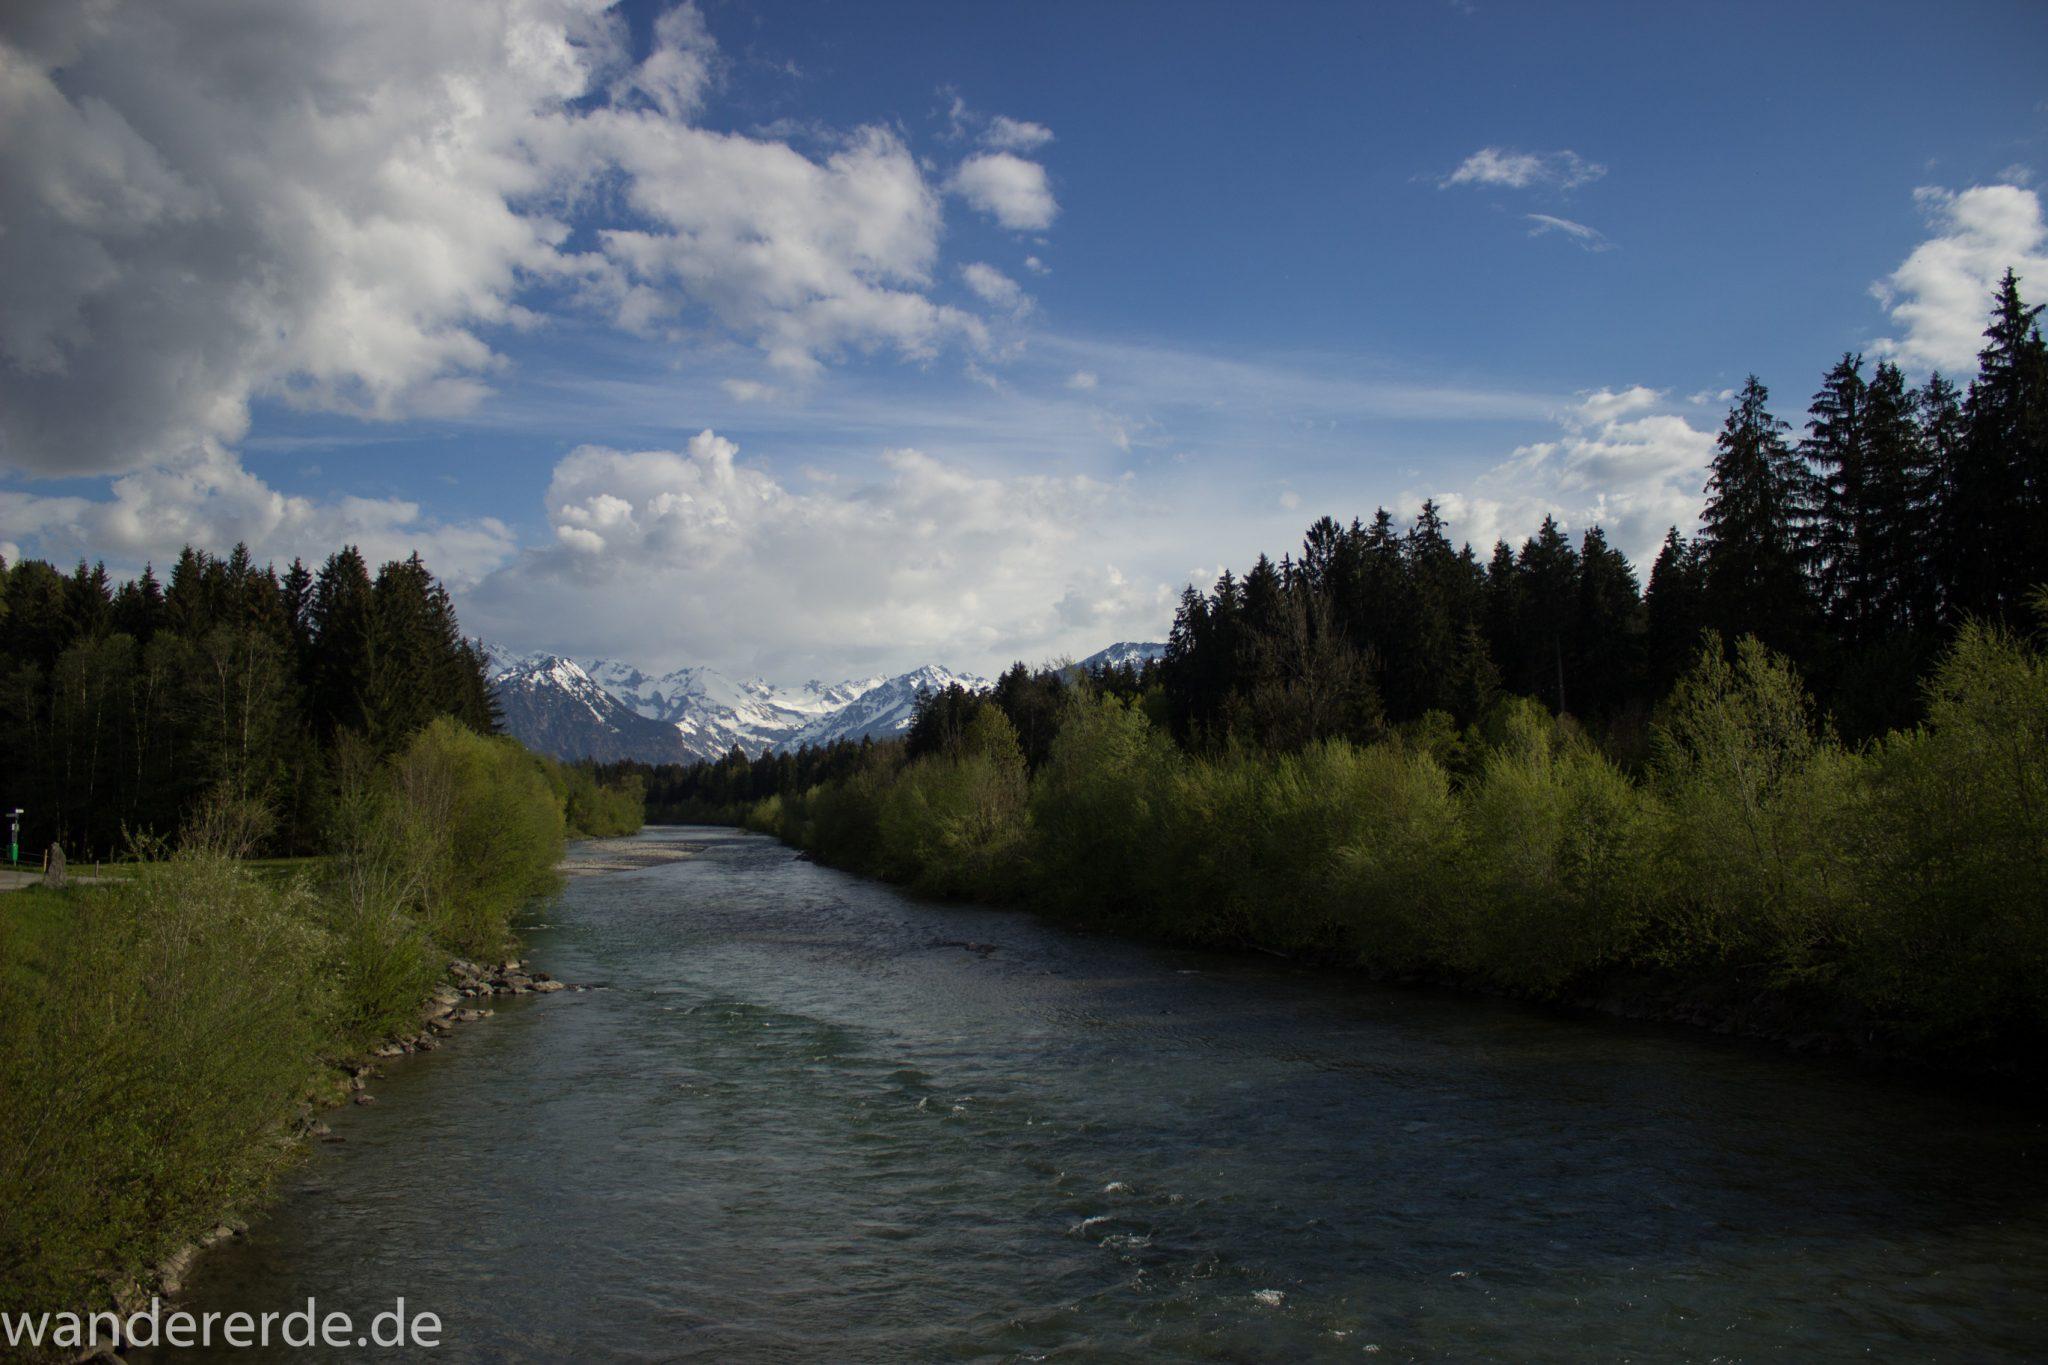 Wanderung Unterer Gaisalpsee, Wanderweg führt entlang am Fluss Iller, Abschnitt von Fischen im Allgäu nach Oberstdorf